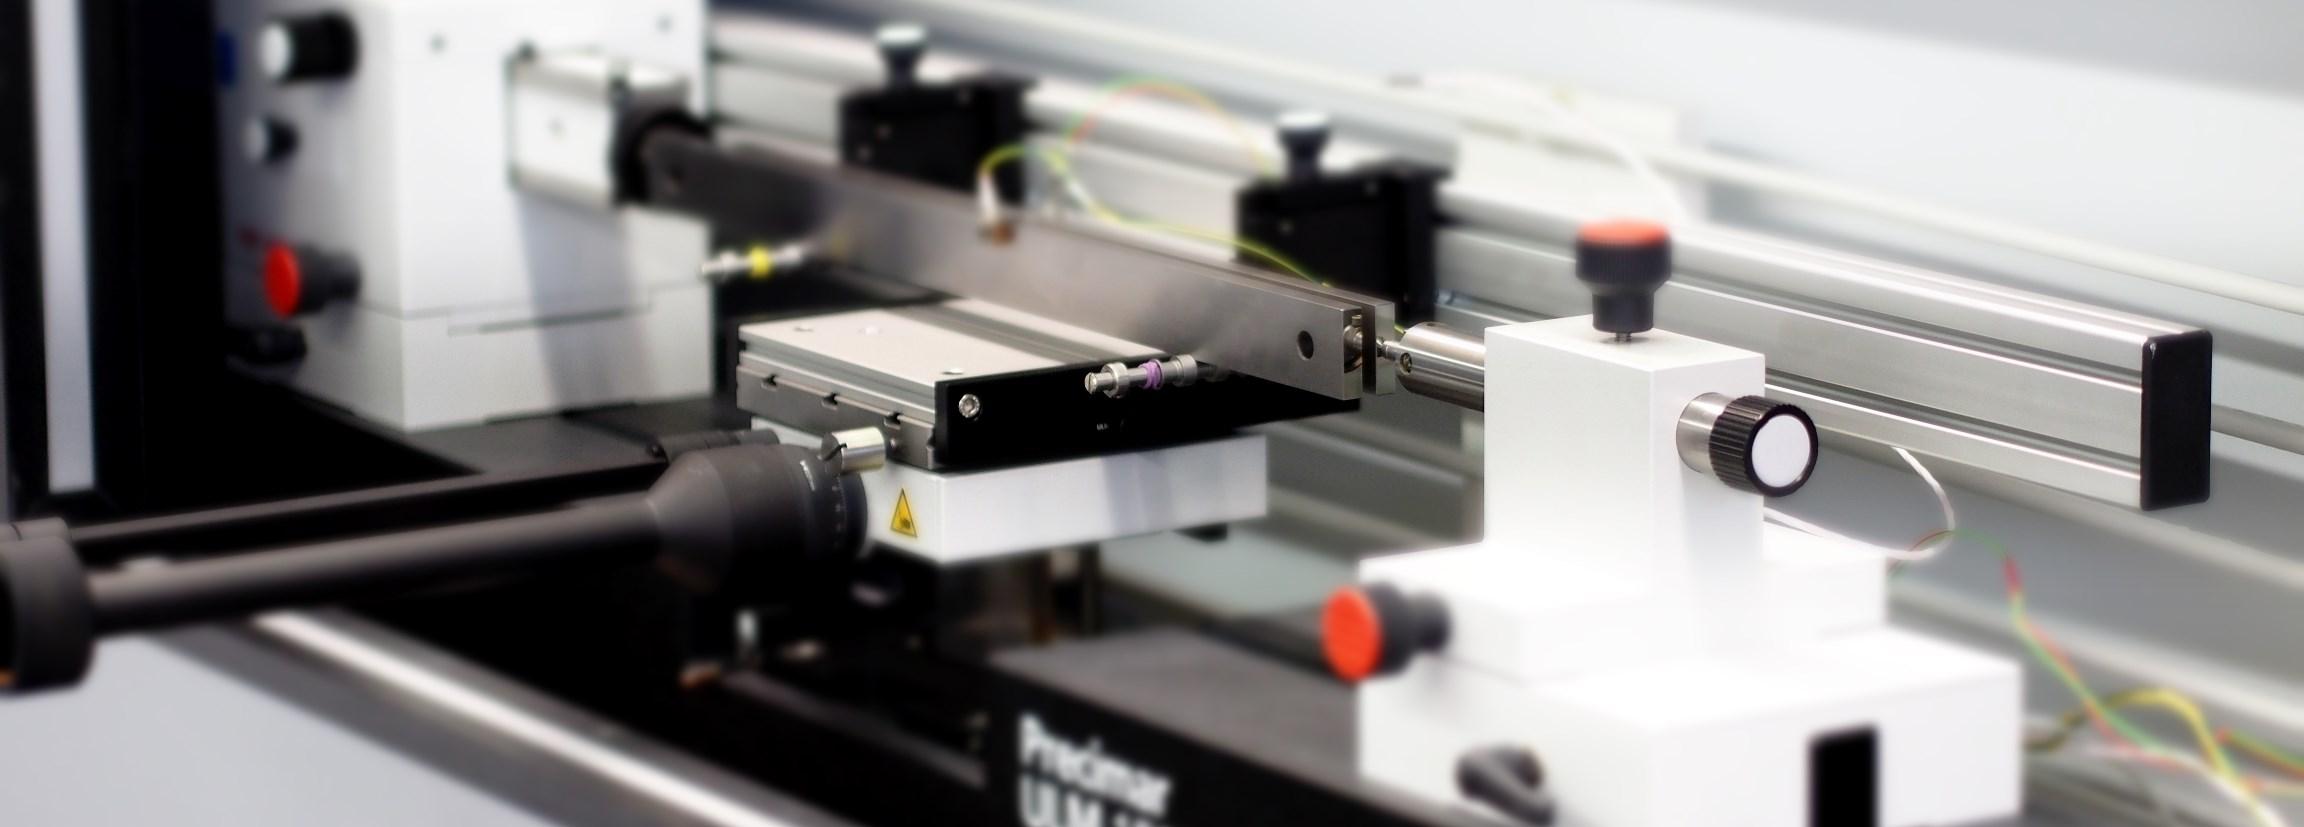 Kalibrierung von Parallelendmaßen von 0,1 mm bis 1000 mm